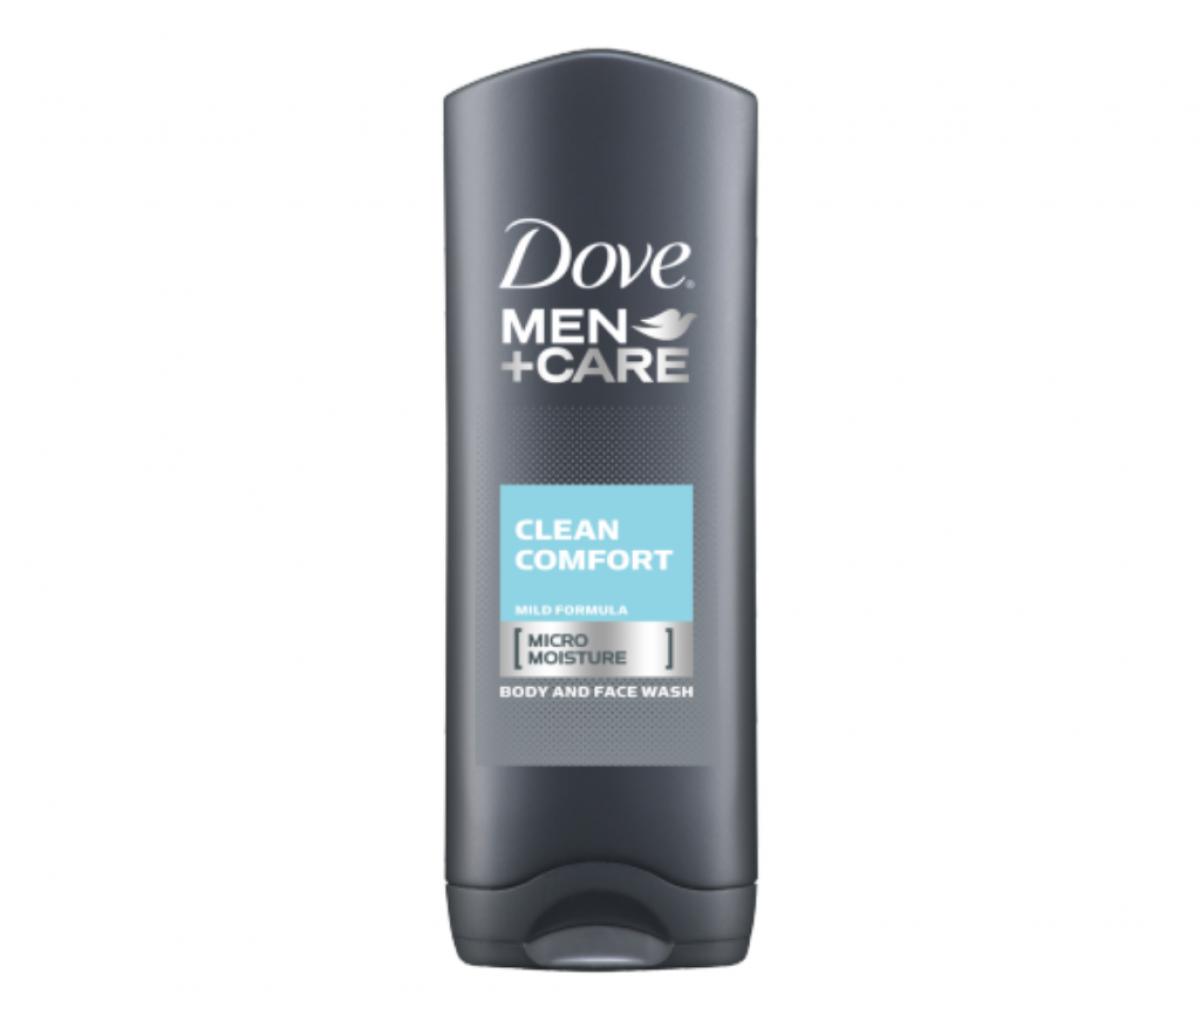 Dove 400ml Clean Comfort Shower Gel